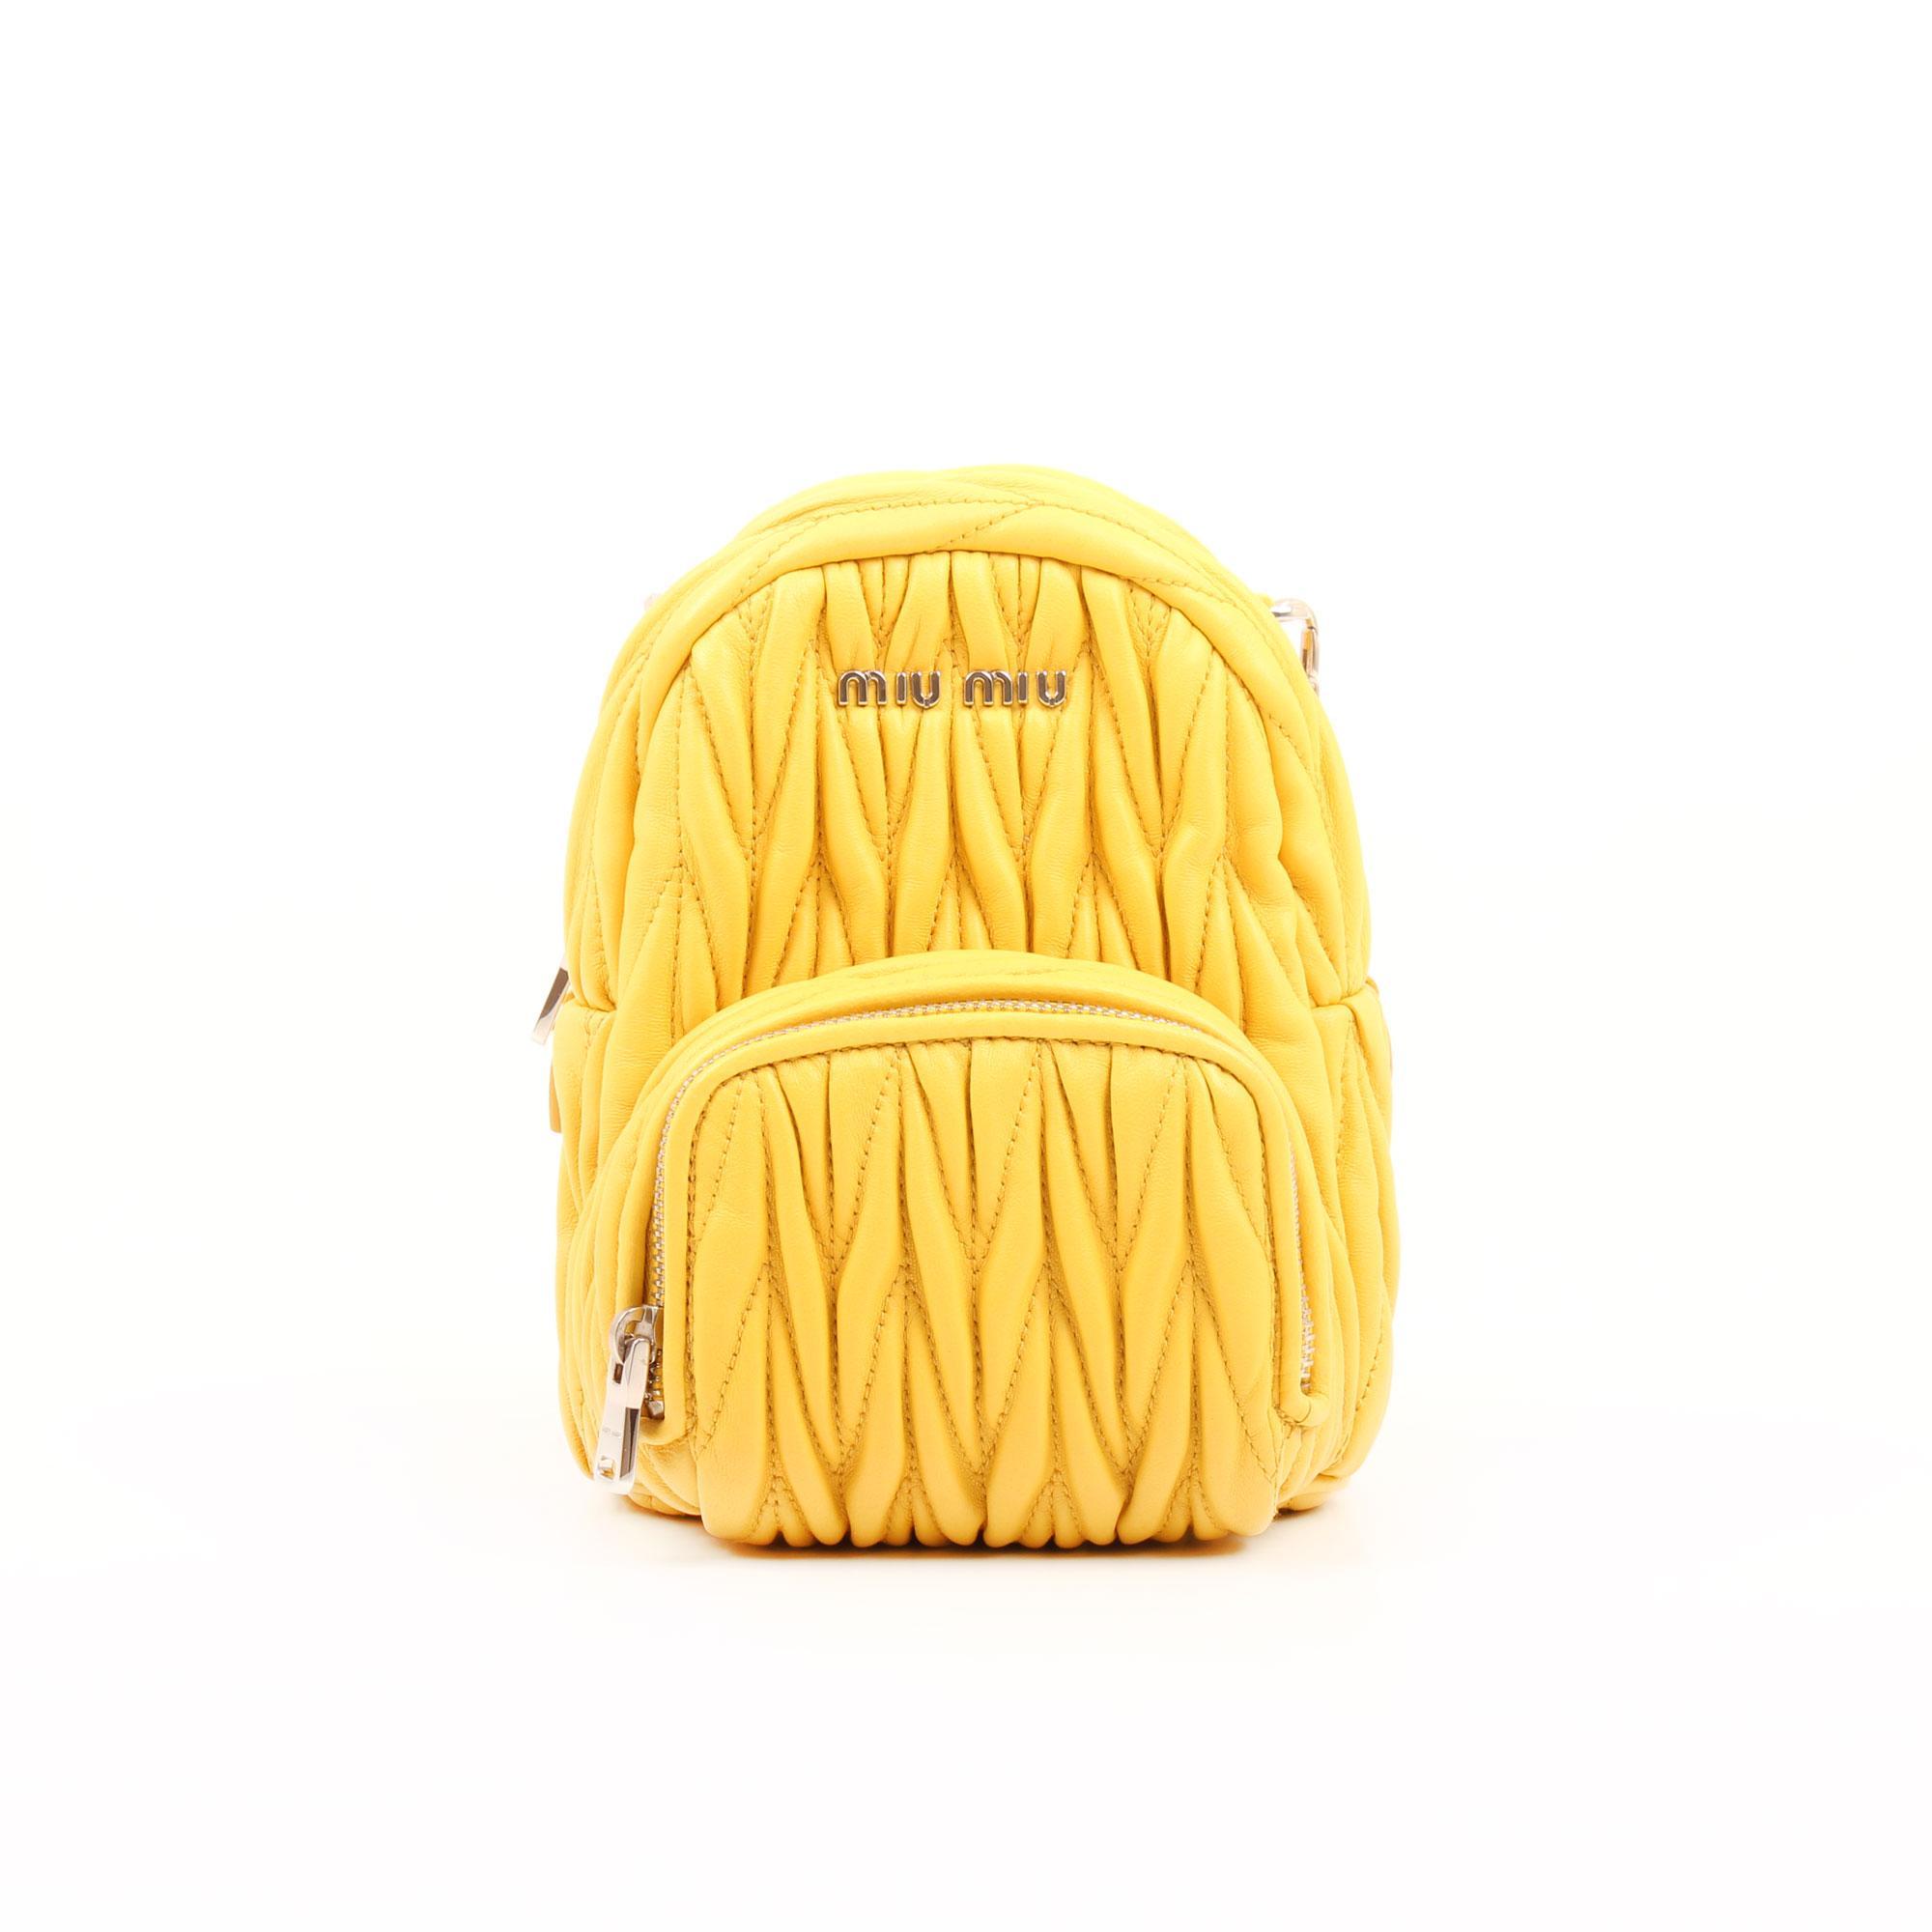 Imagen frontal del bolso miu miu matelasse mini mochila amarillo sole